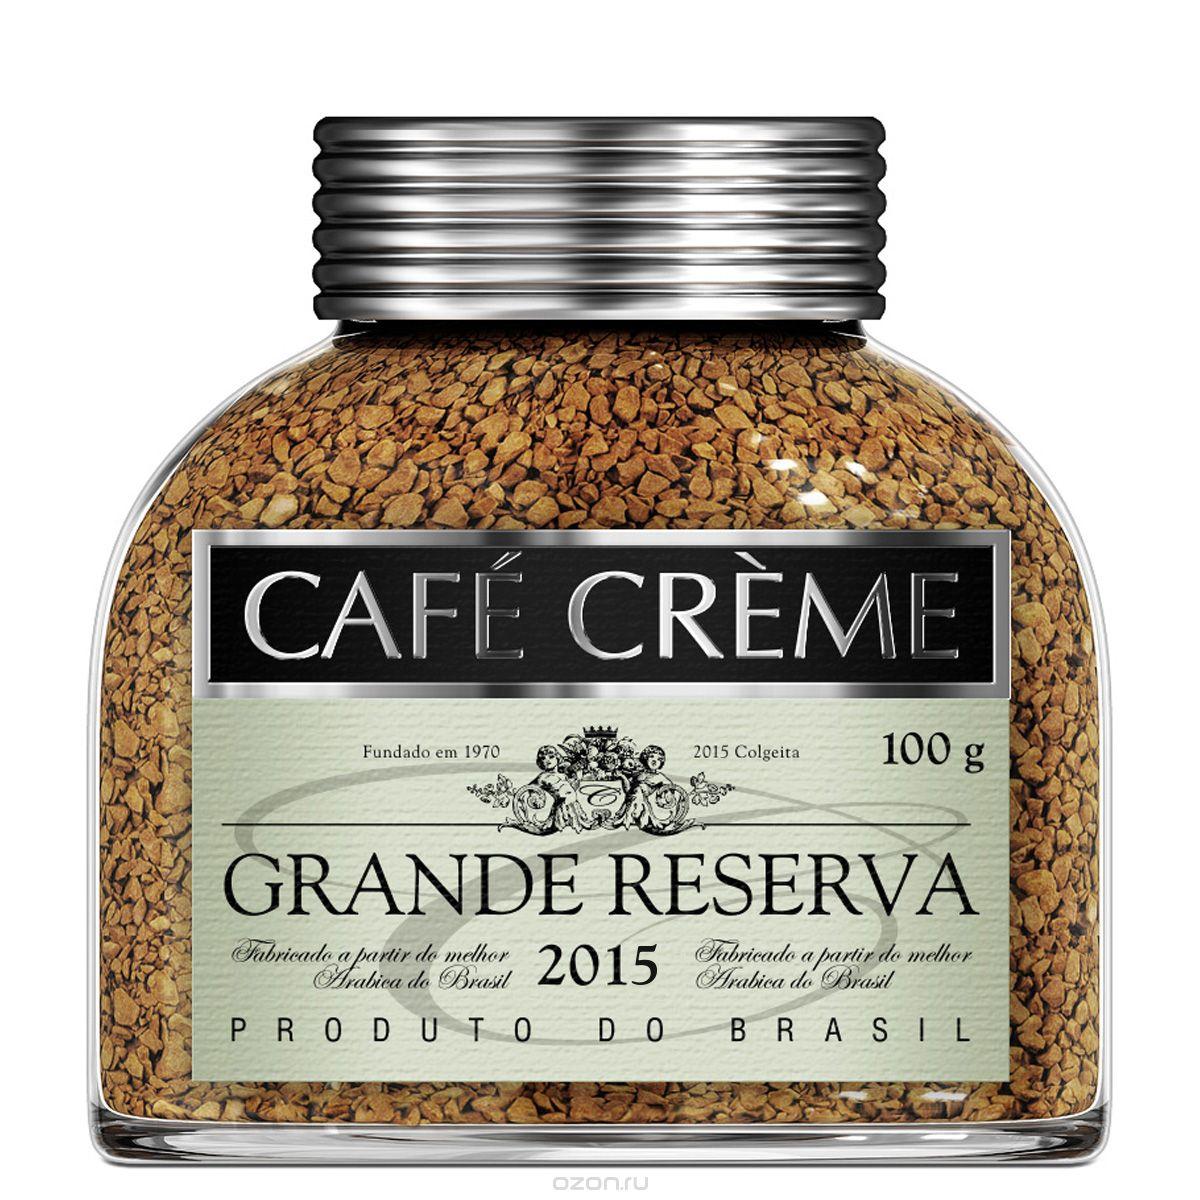 Cafe Creme Grande Reserva кофе растворимый, 100 г4607141336461Cafe Creme Grande Reserva - это кофе, созданный из зерен высочайшего качества, который обладает прекрасным кремовым, густым и бархатным вкусом и имеет насыщенный, интенсивный аромат. Зарезервируйте свою баночку, чтобы сохранить в памяти настоящий зажигательный бразильский кофе, рождённый уникальными погодными условиями. Уважаемые клиенты! Обращаем ваше внимание на то, что упаковка может иметь несколько видов дизайна. Поставка осуществляется в зависимости от наличия на складе.